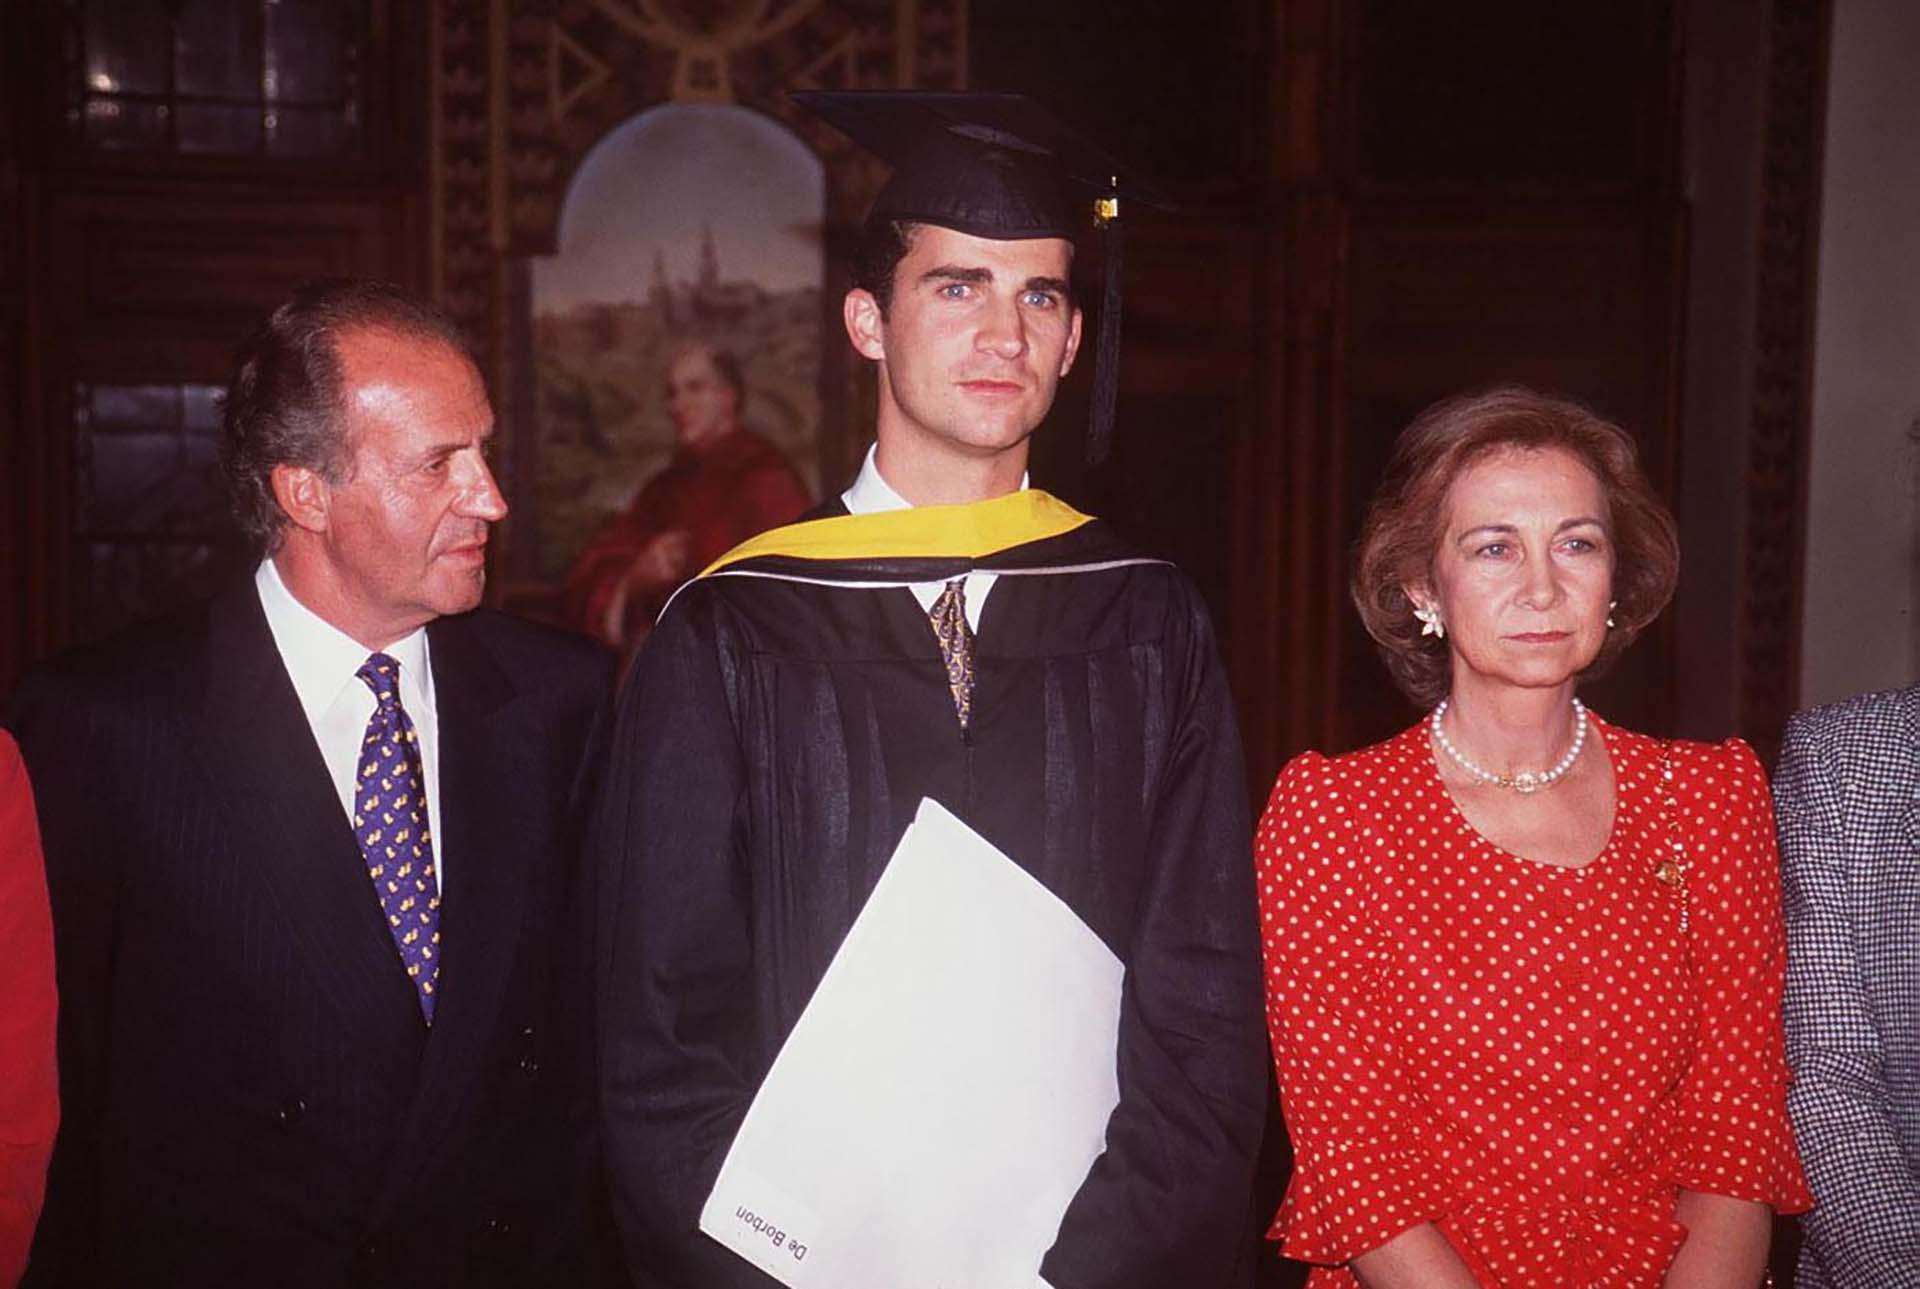 Día de graduación de Felipe, hijo de Juan Carlos y Sofía, en la Universidad de Washington, en 1995 (Shutterstock)